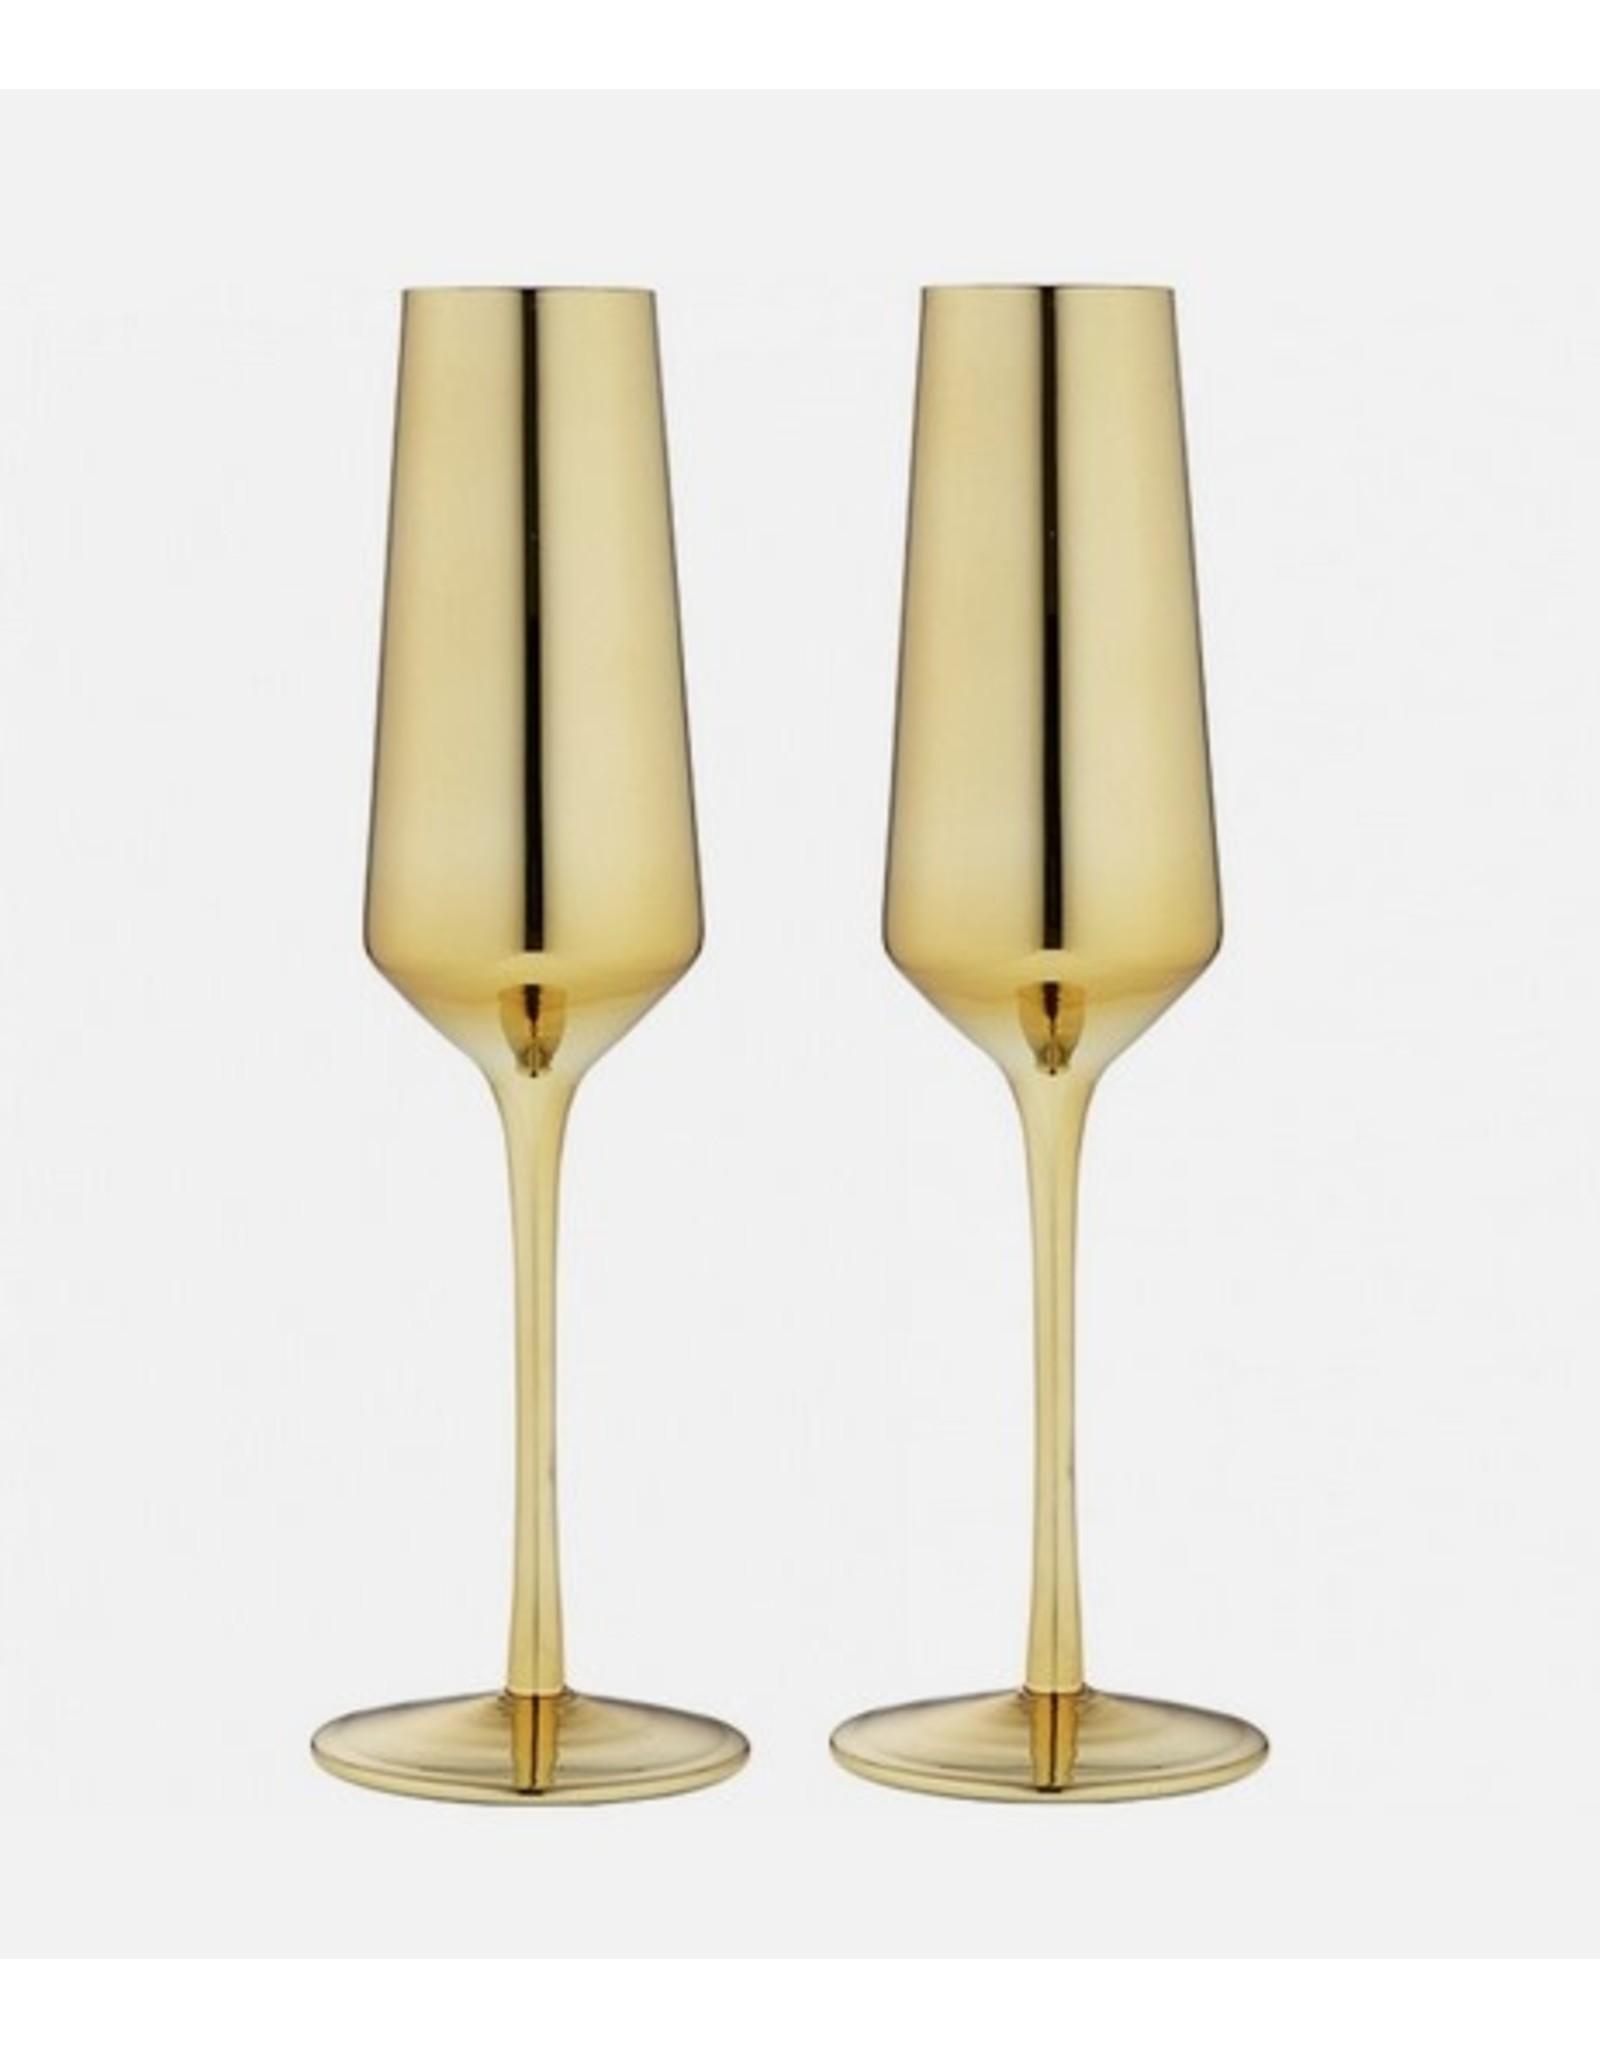 Tempa Tempa Aurora Champagne Glasses Set of 2